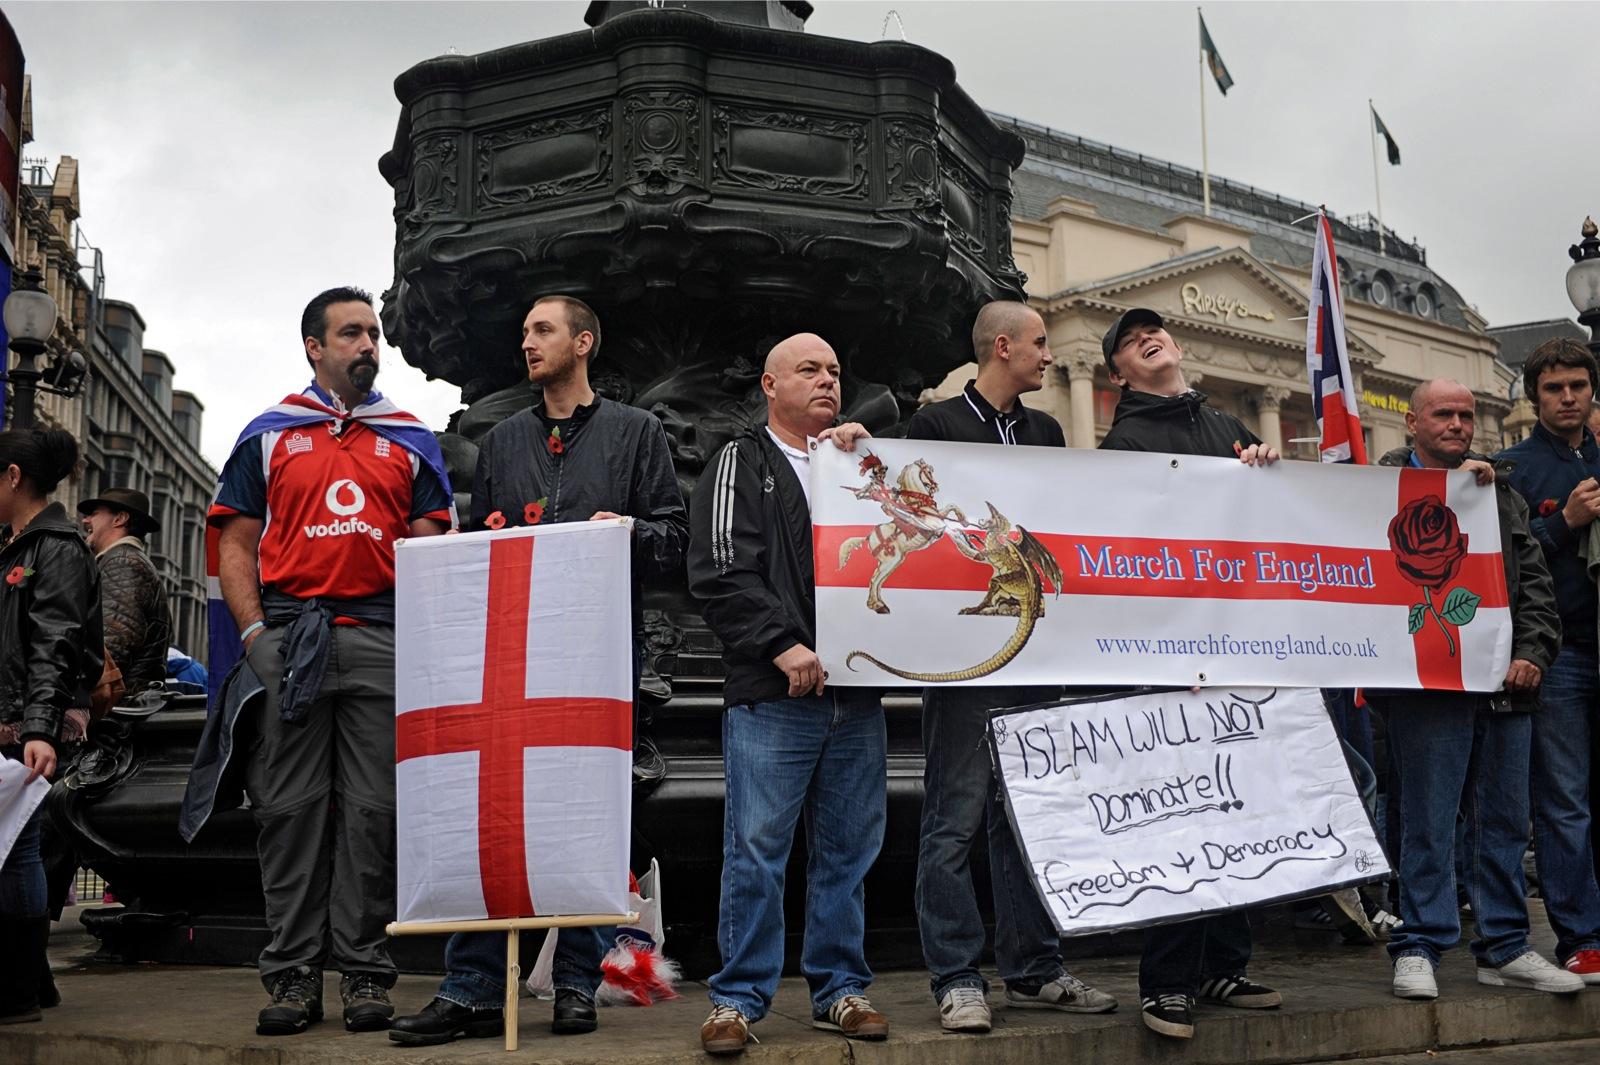 Leden van extreemrechtse English Defence League protesteren tegen een geplande pro-sharia mars. Foto: Andrew/Testa/Panos/HH